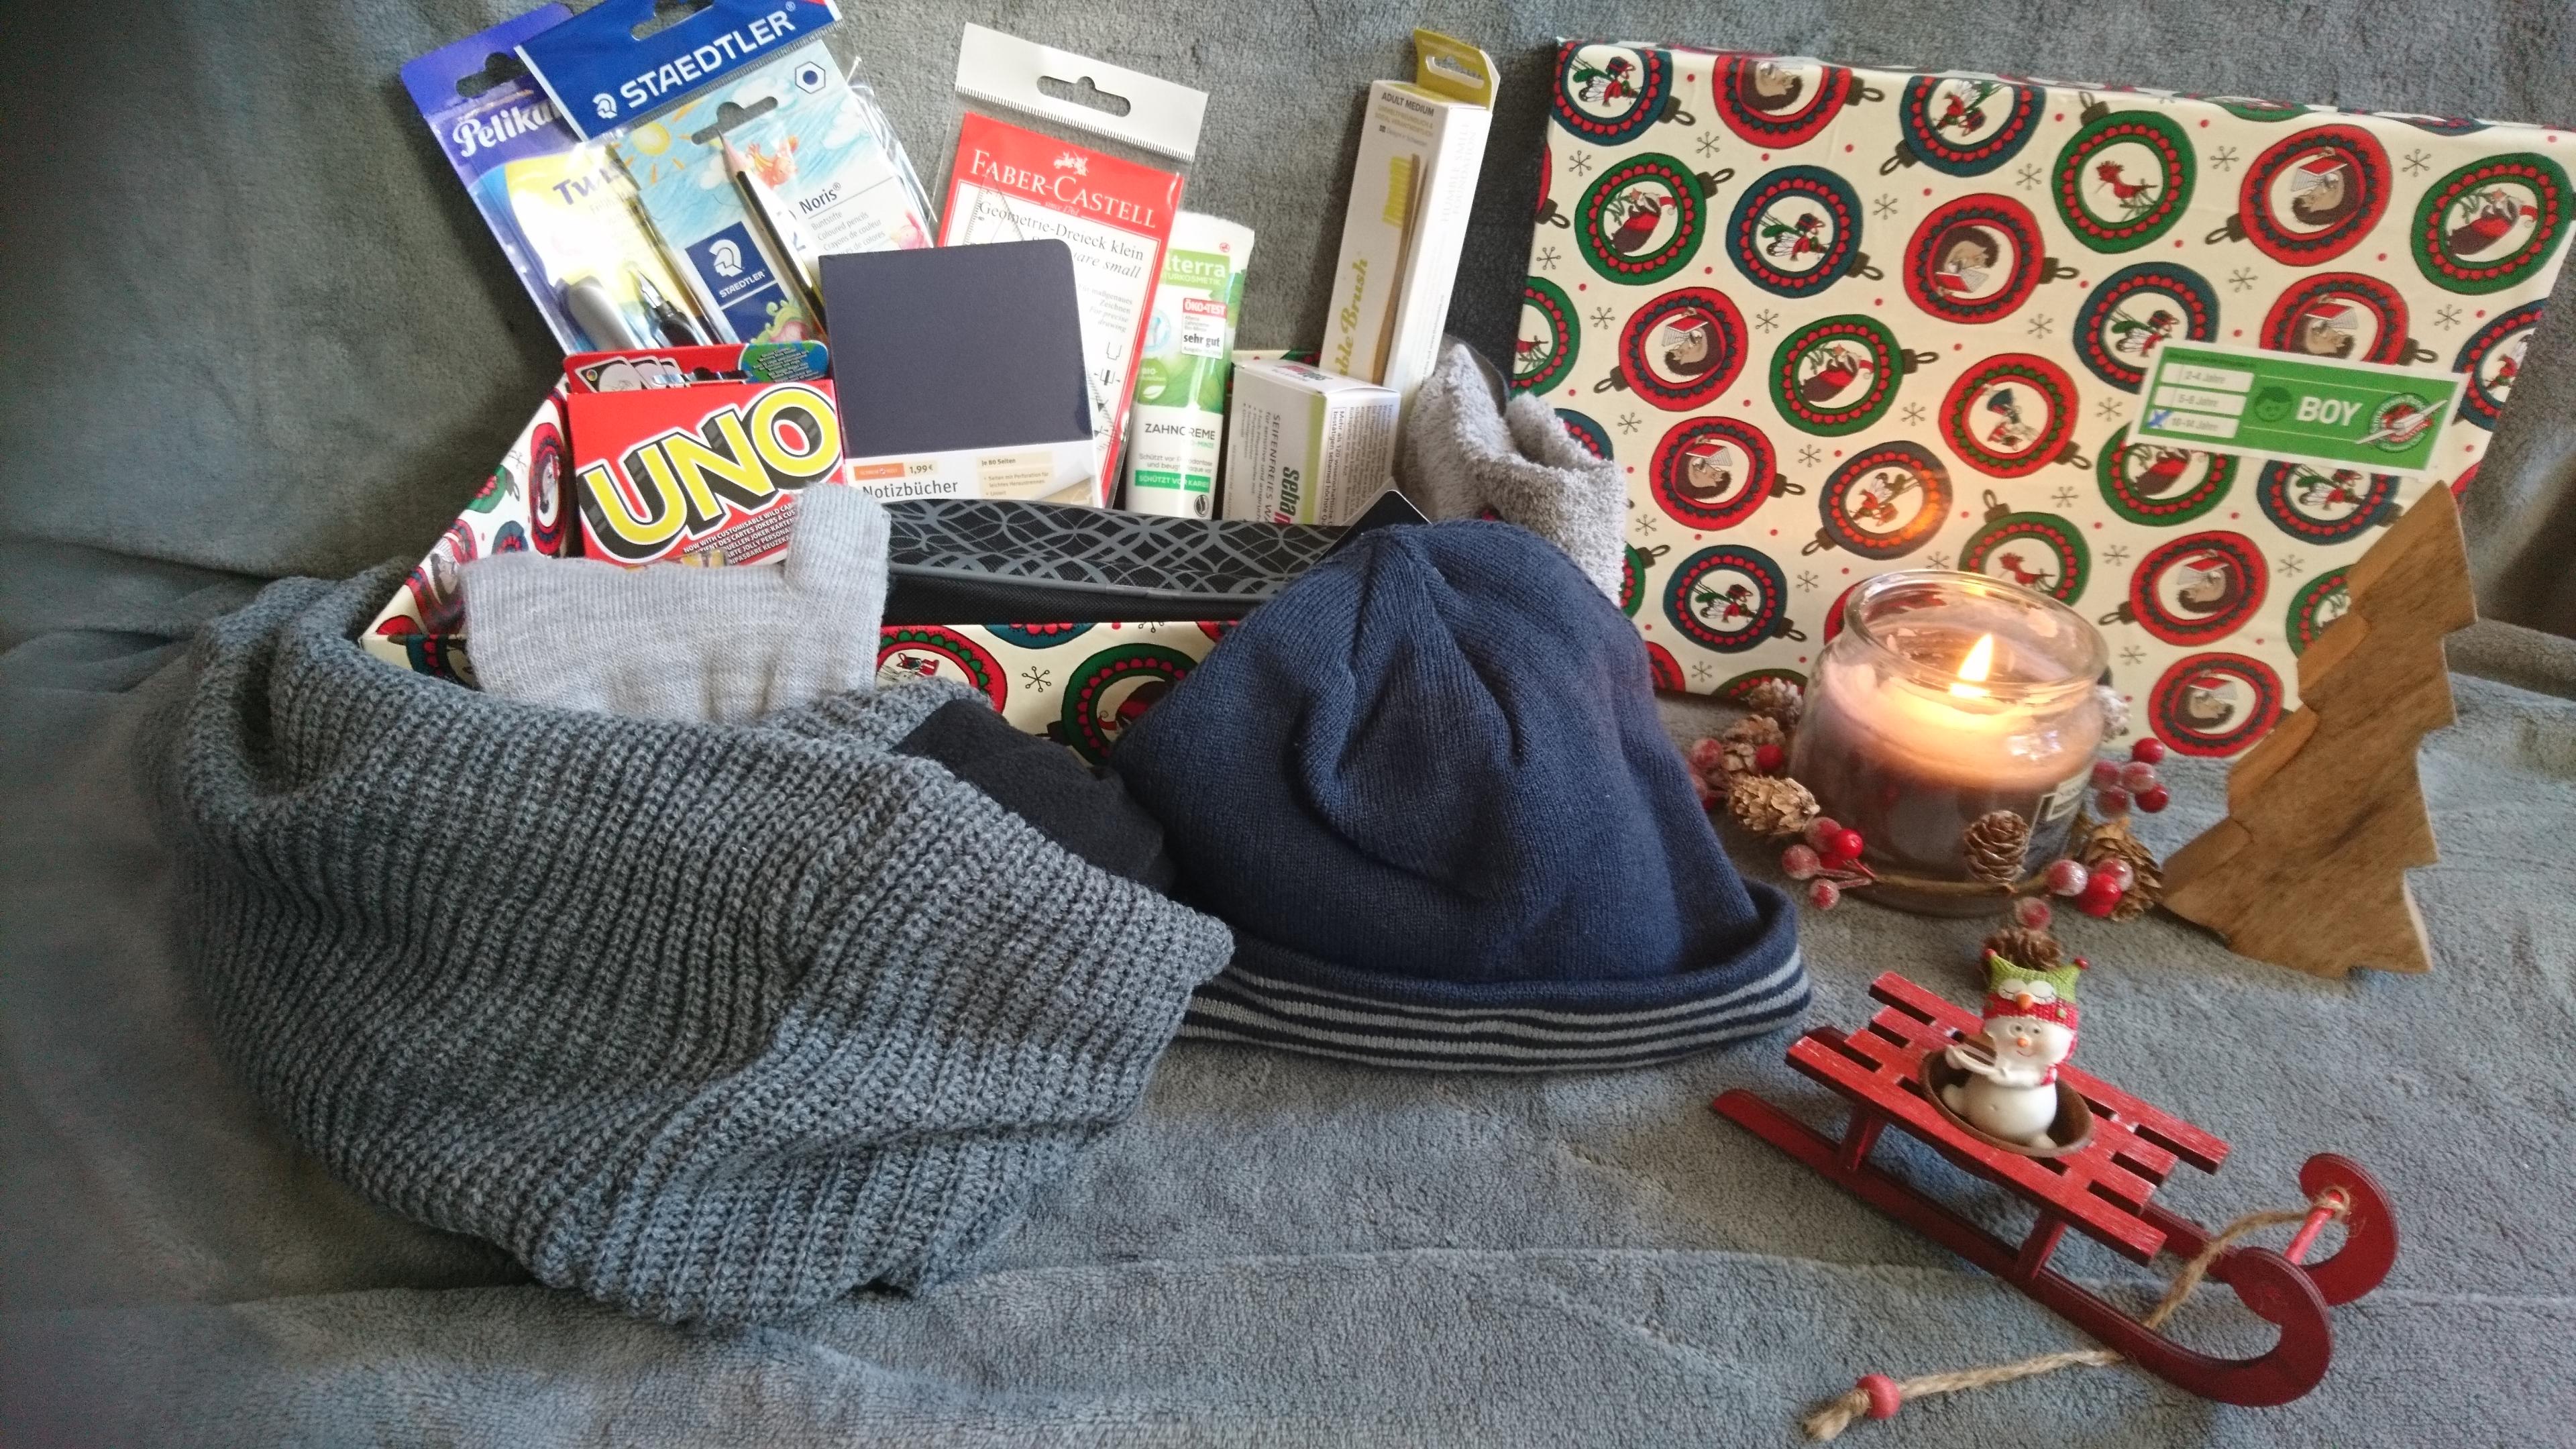 Weihnachten im Schuhkarton, Kleidung, Schulmaterialien, Spiele, Hygieneartikel